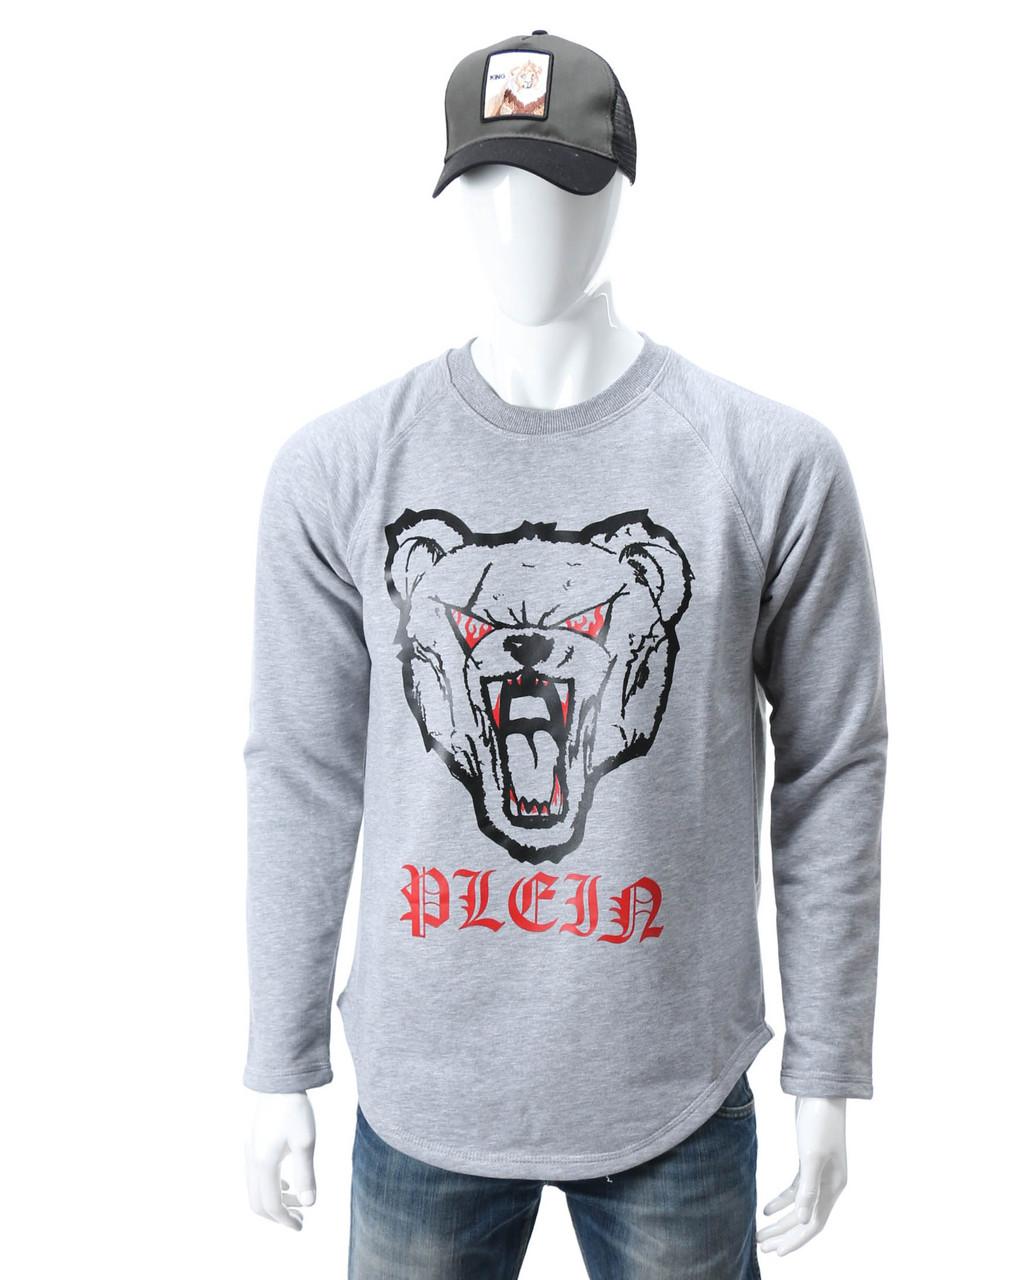 Свитшот меланж PHILIPP PLEIN с принтом Медведь злой №2 Р-2 GRI L(Р) 20-544-201